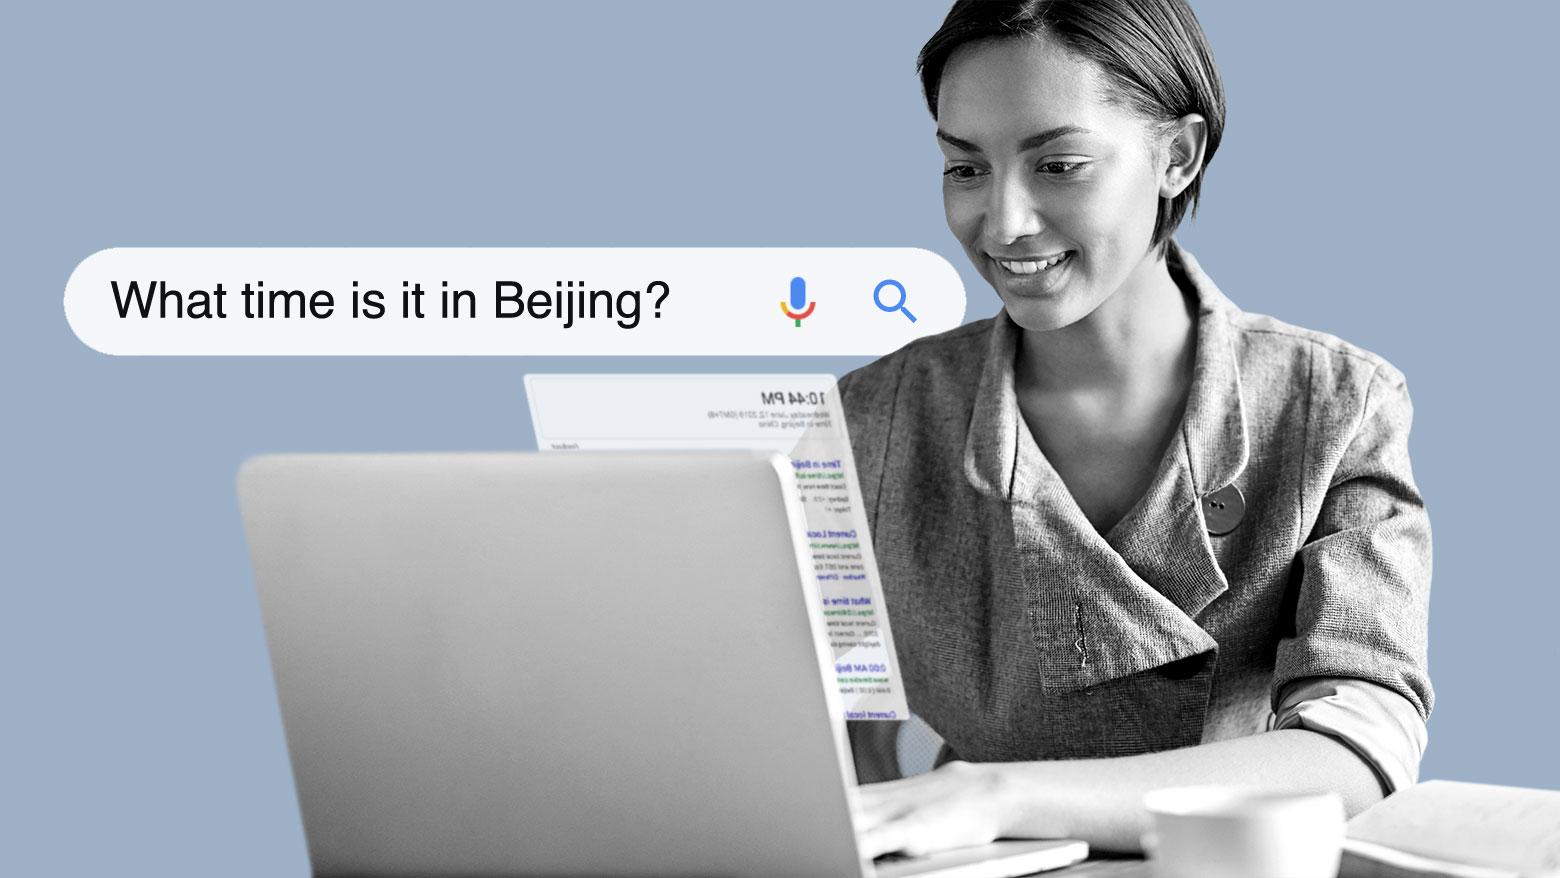 ノートパソコンで「北京は今何時?」と検索している人